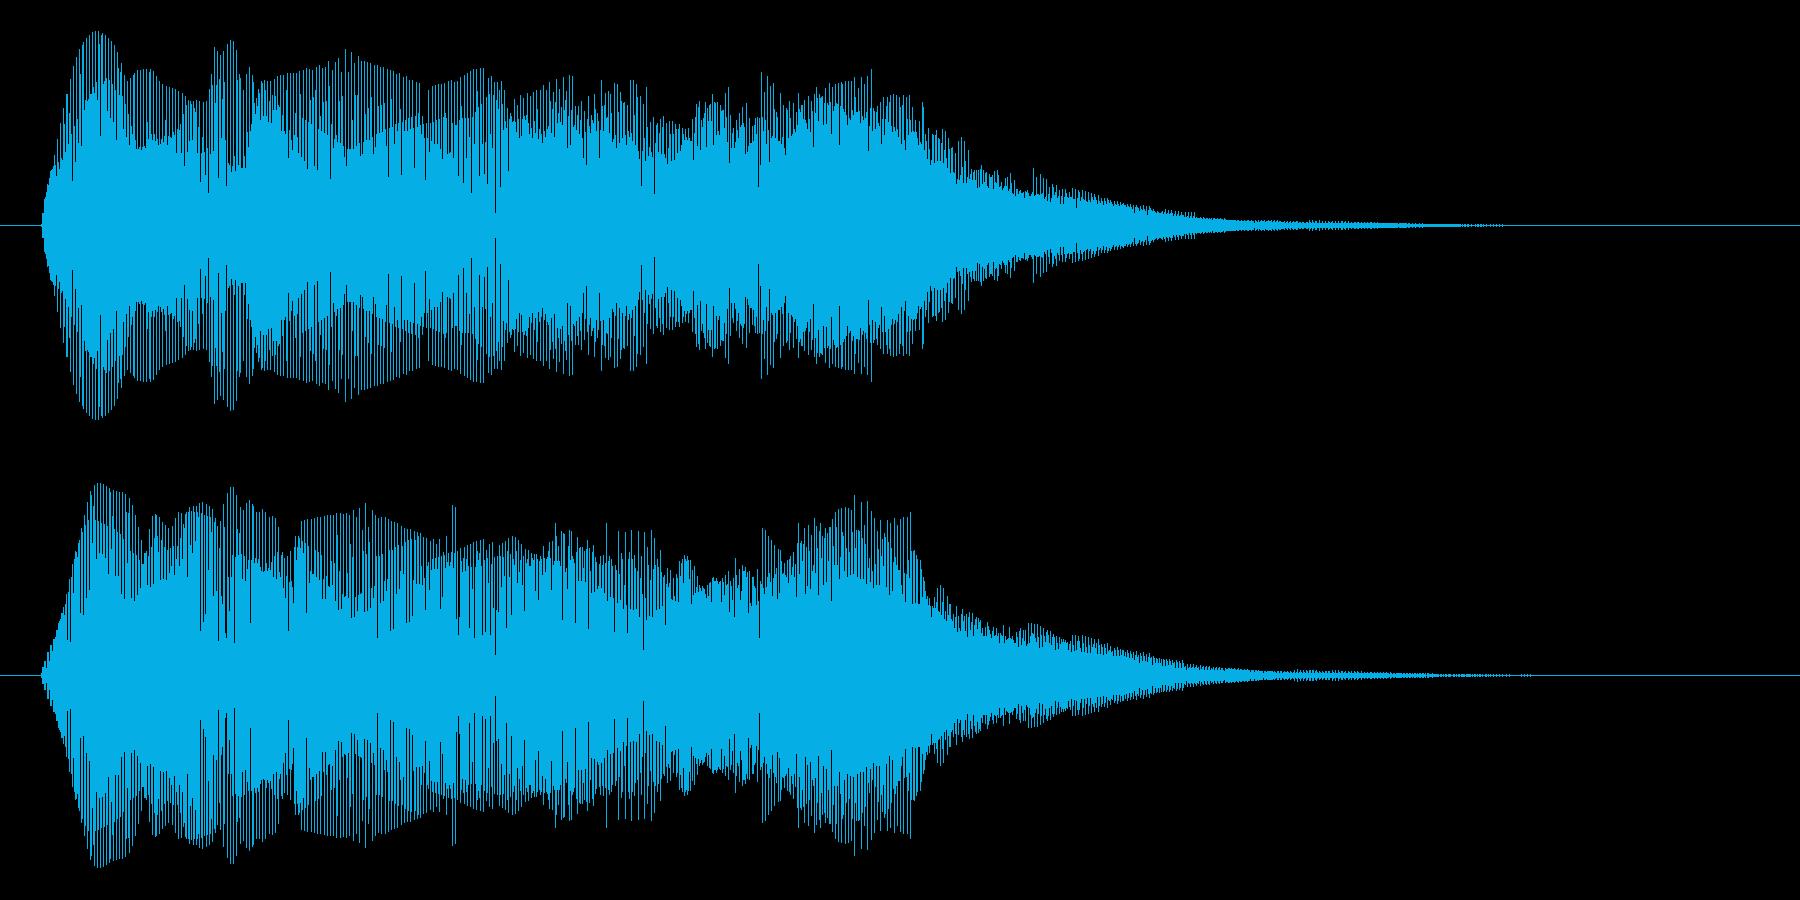 ブォアィーーーーンの再生済みの波形